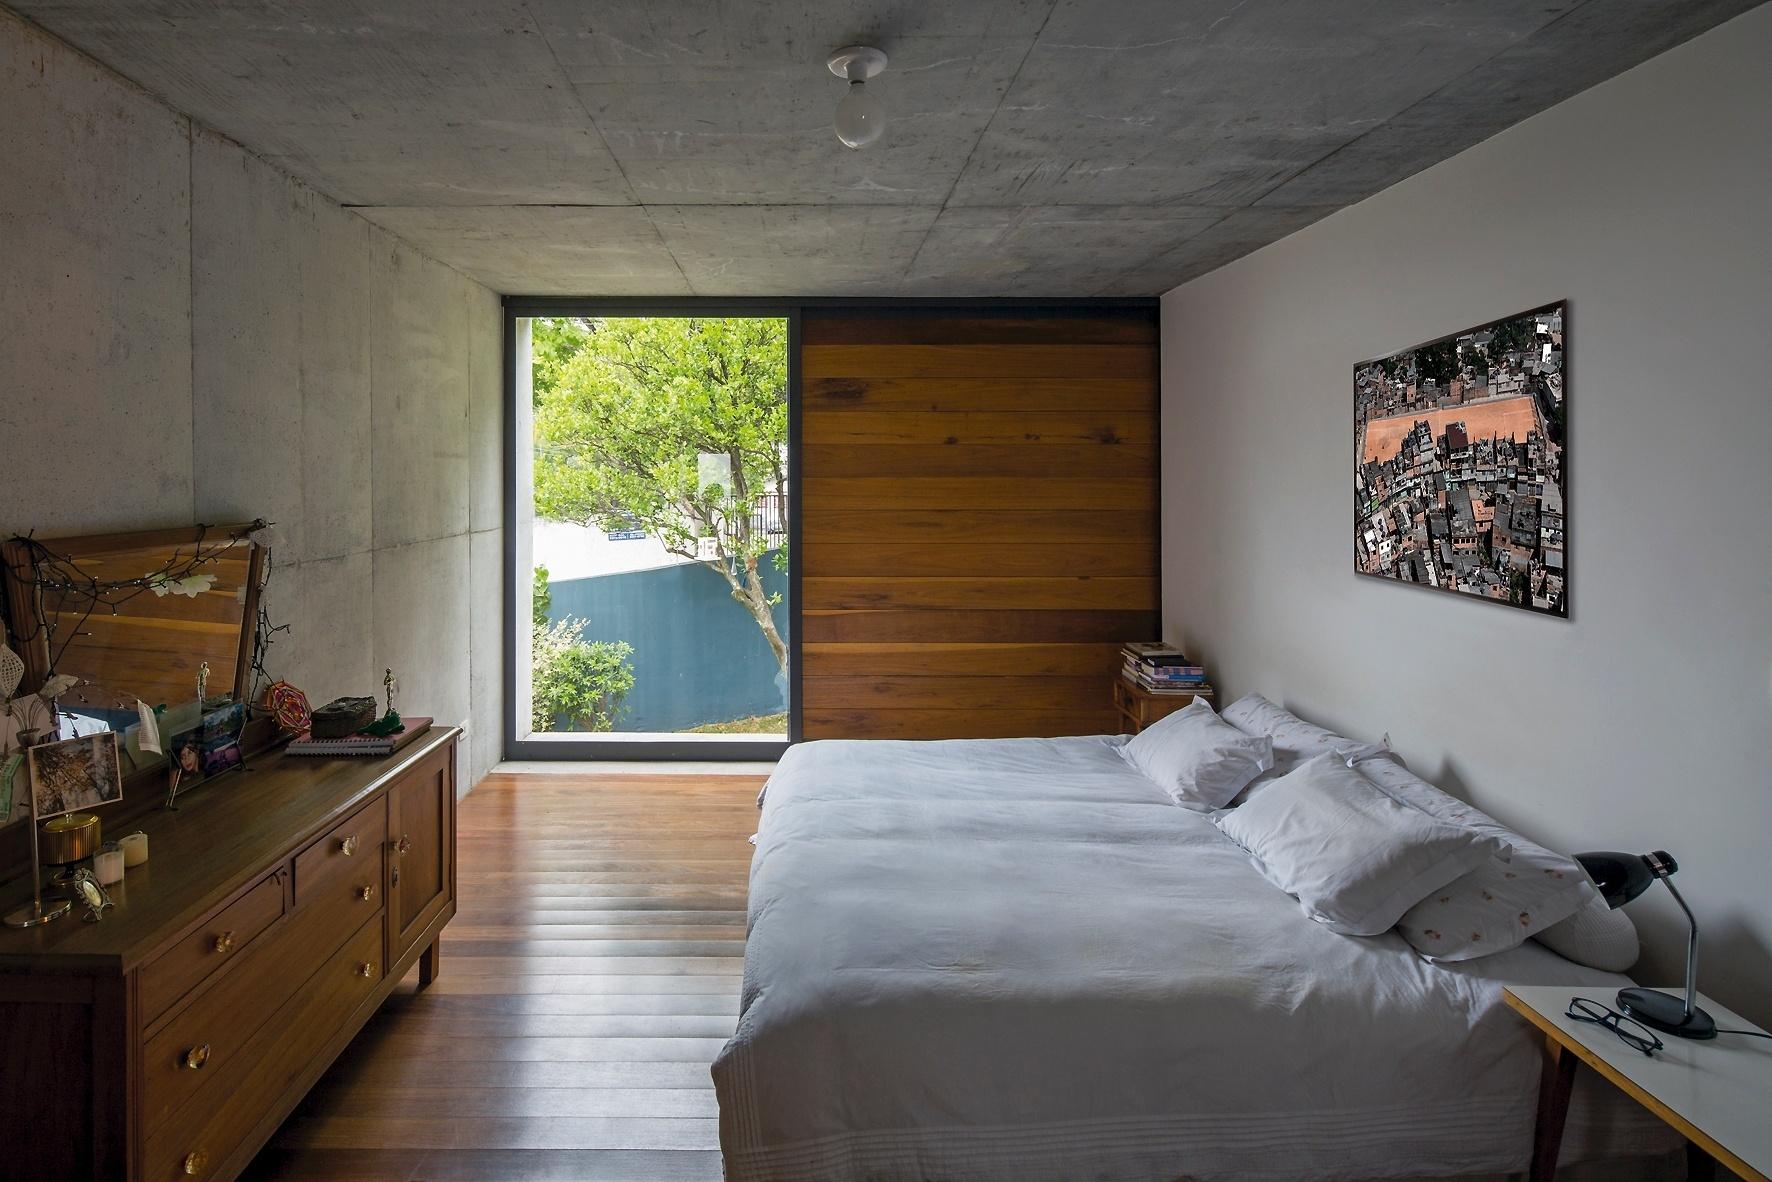 #838A41 tem vista para o jardim e piso de madeira (assoalho) além da janela  626 Janelas Madeira Quarto